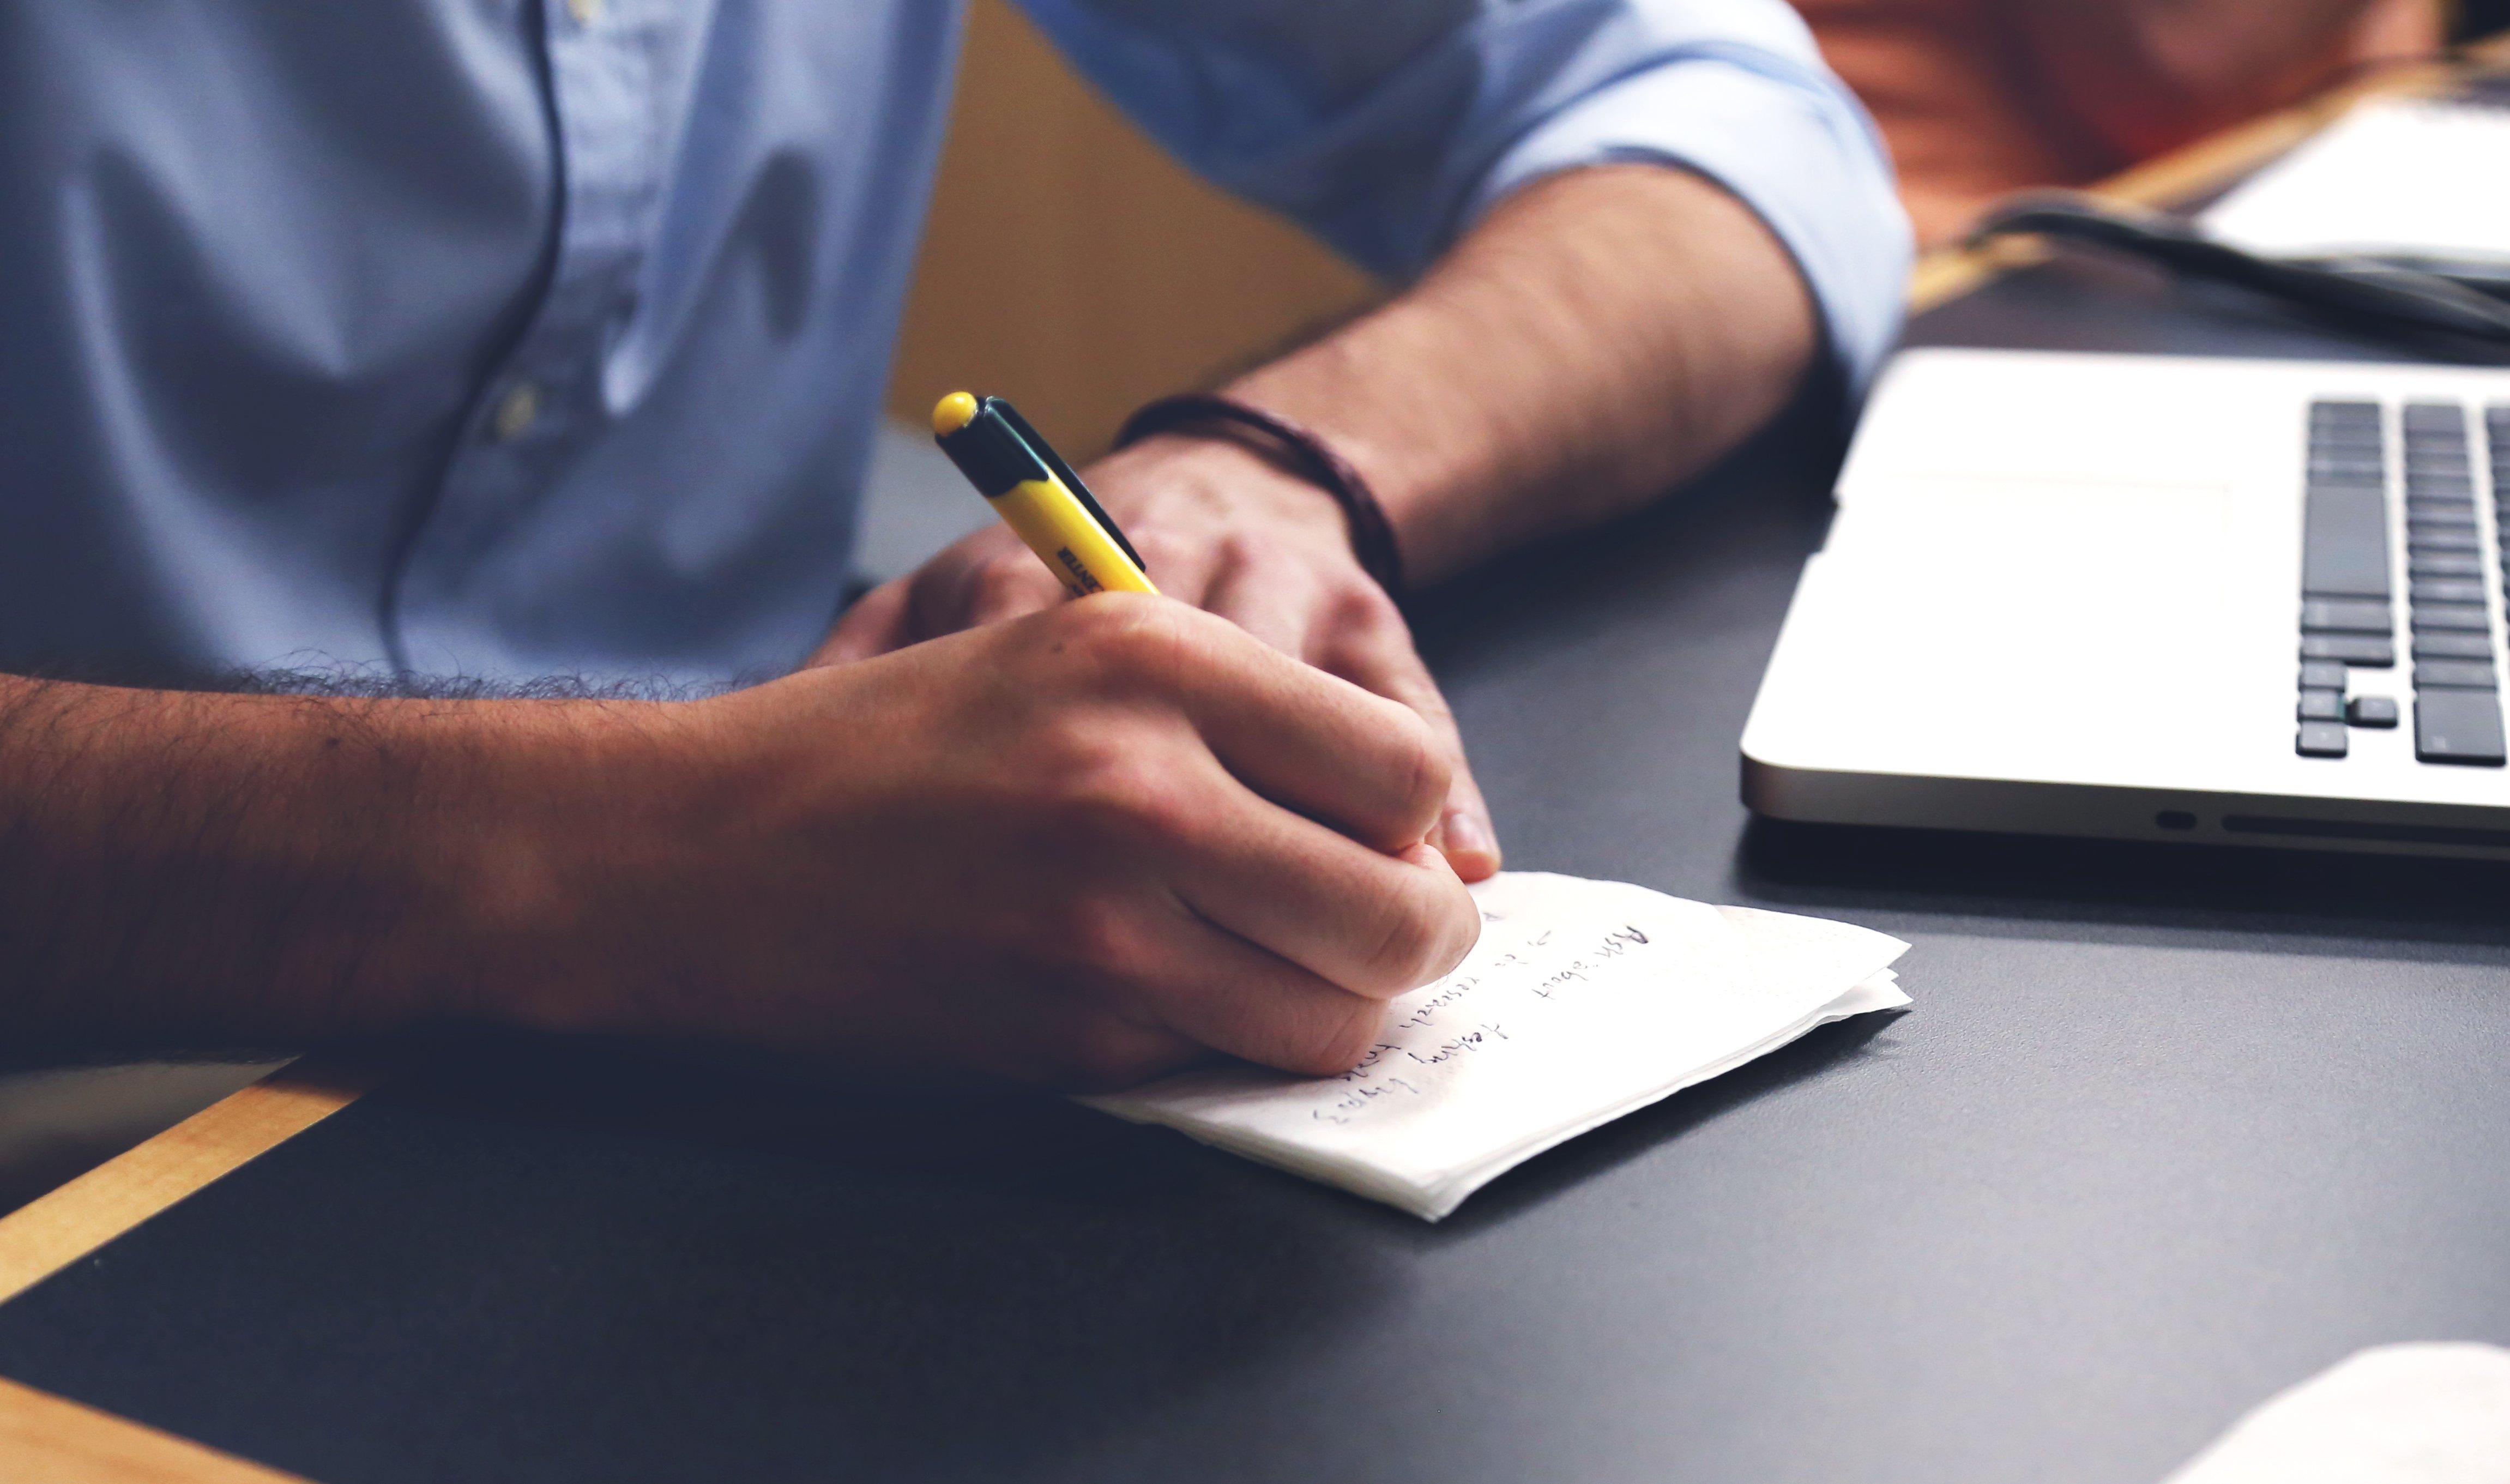 Masterarbeit in 2 wochen schreiben englisch klassenarbeit essay